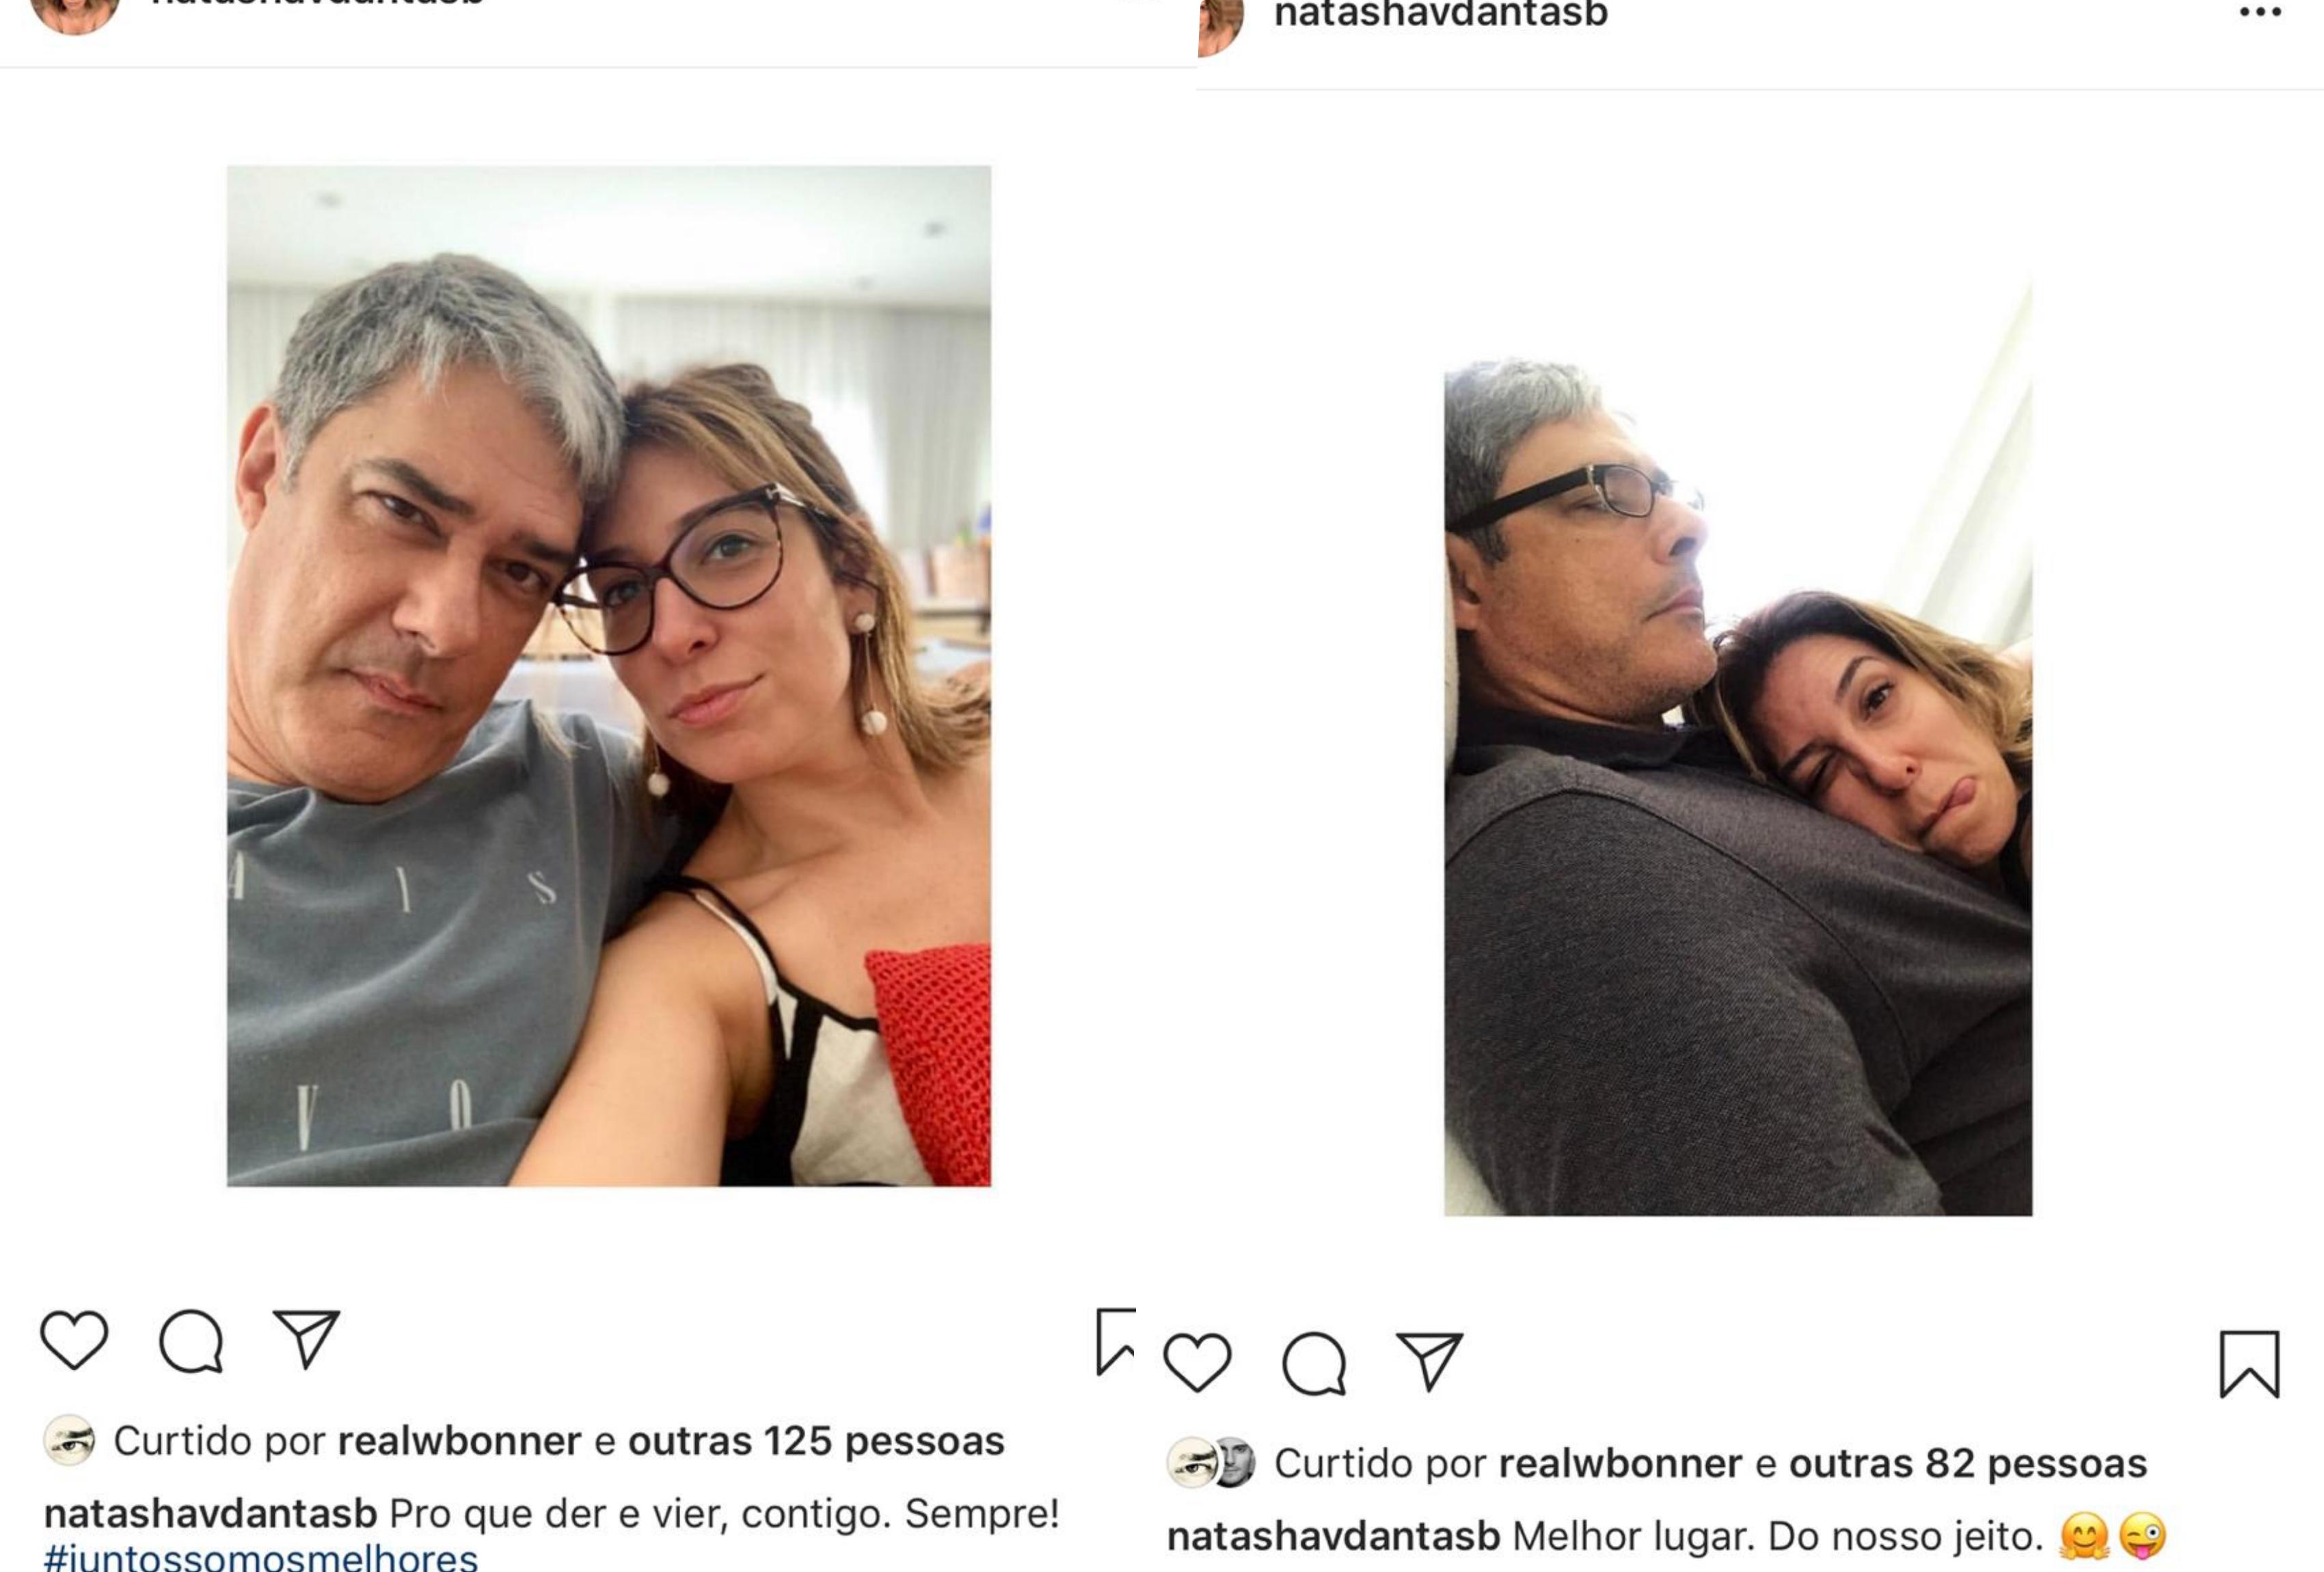 Natasha Dantas e o marido William Bonner (Foto reprodução: Instagram)